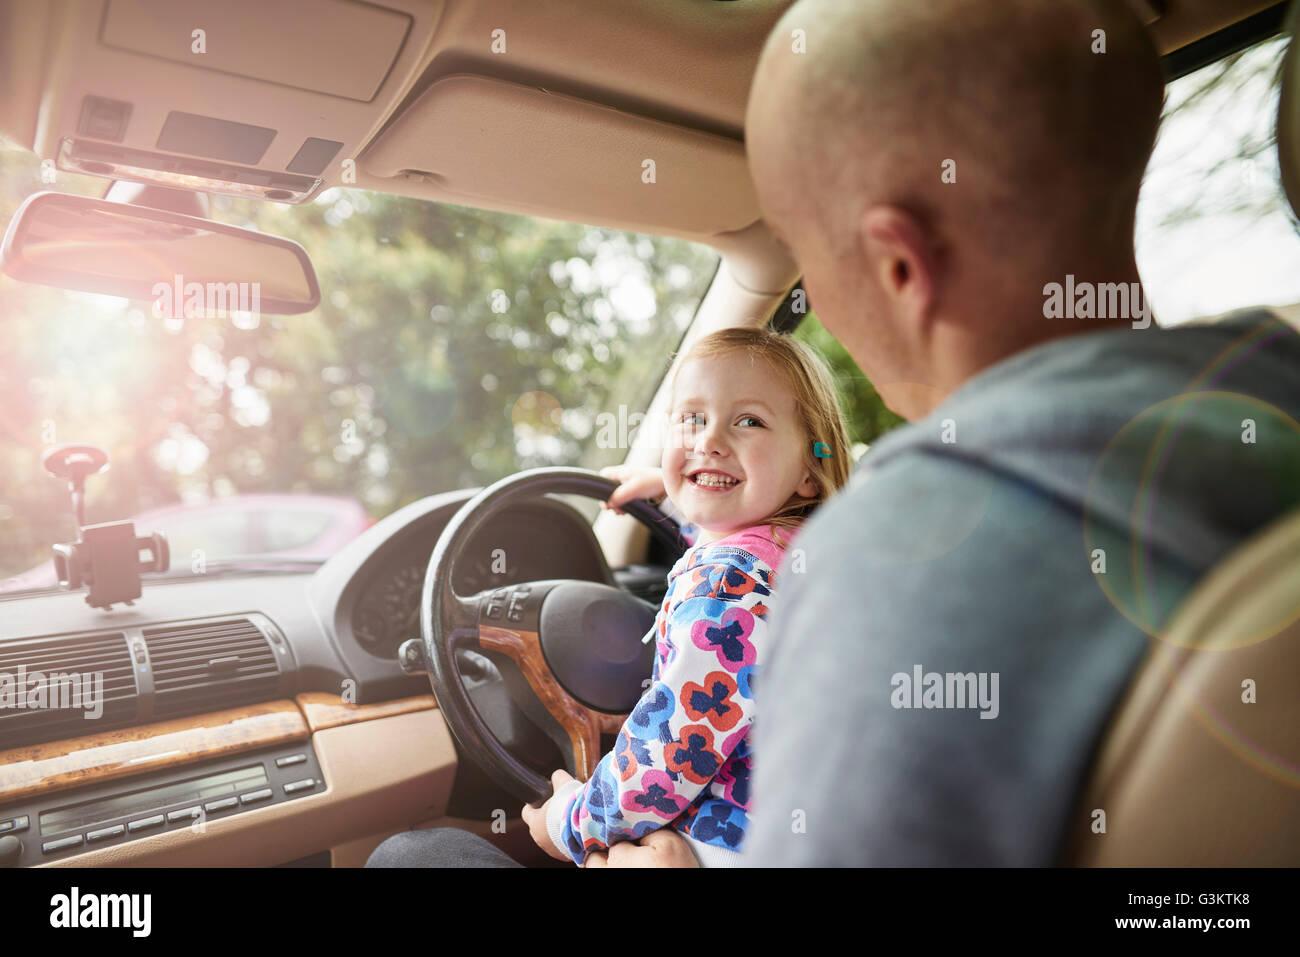 Vista sobre el hombro de la hija de padre sentado en la vuelta en coche Imagen De Stock